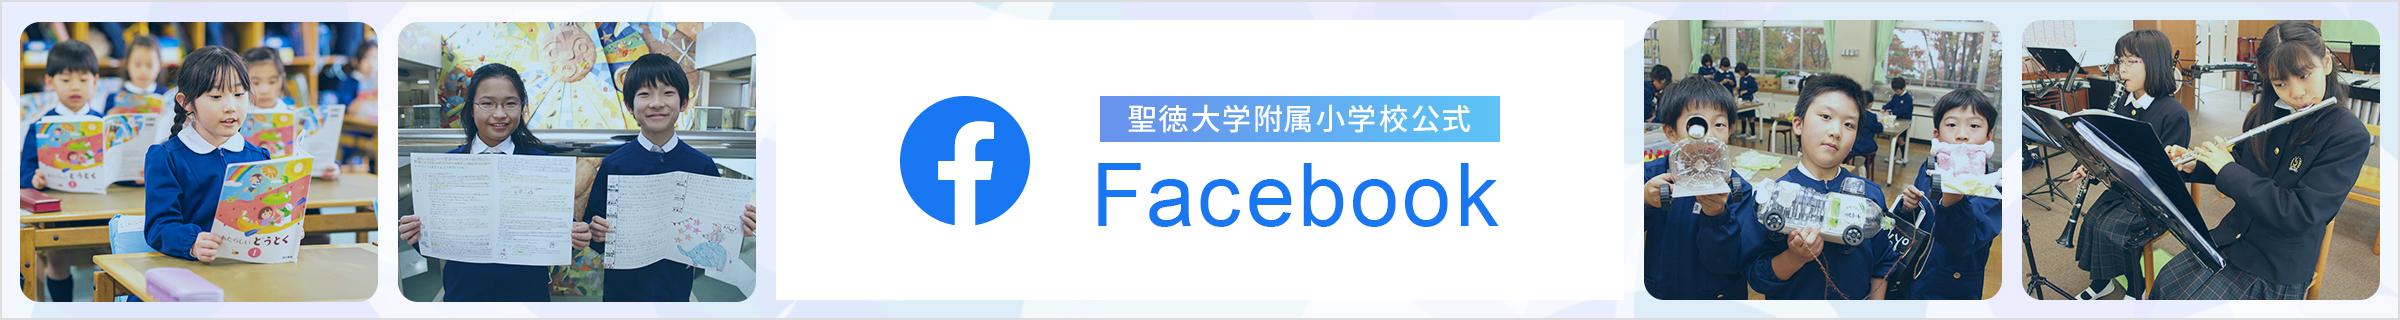 聖徳大学附属小学校公式 facebook